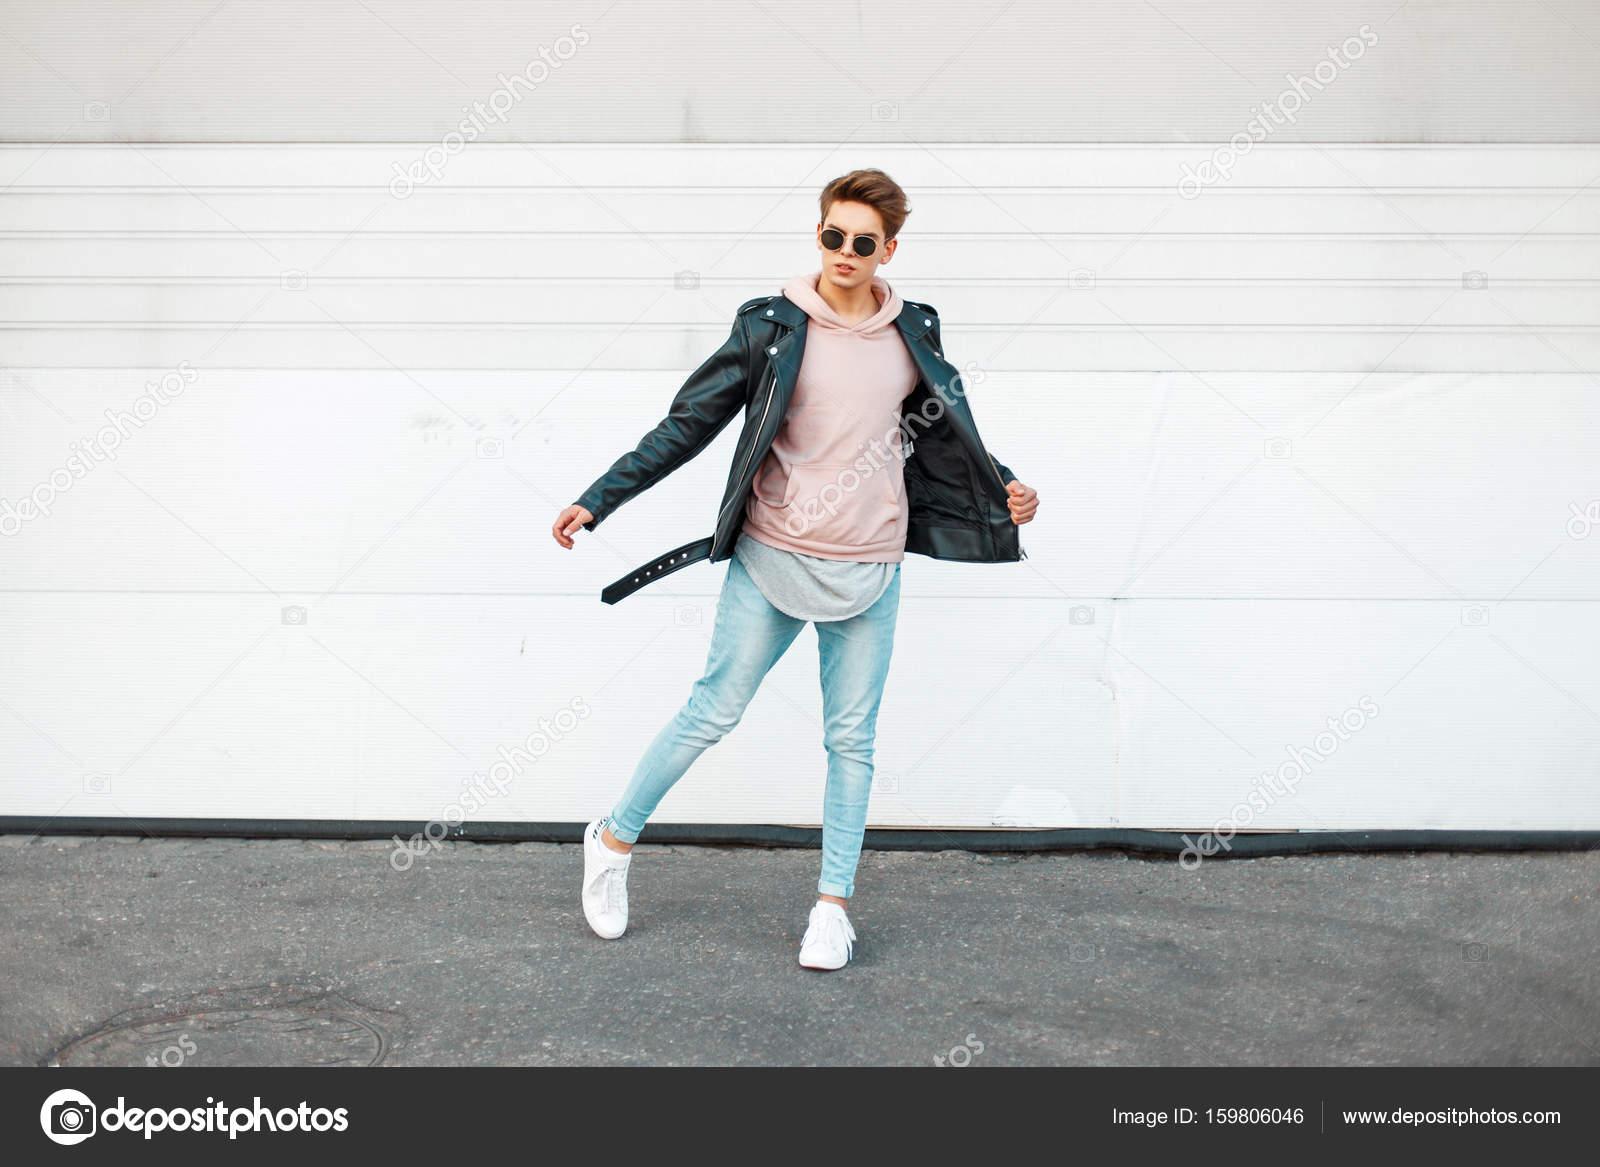 b36b0dee1b47a Hübscher Junge modische Mann mit Sonnenbrille in einer schwarzen ...